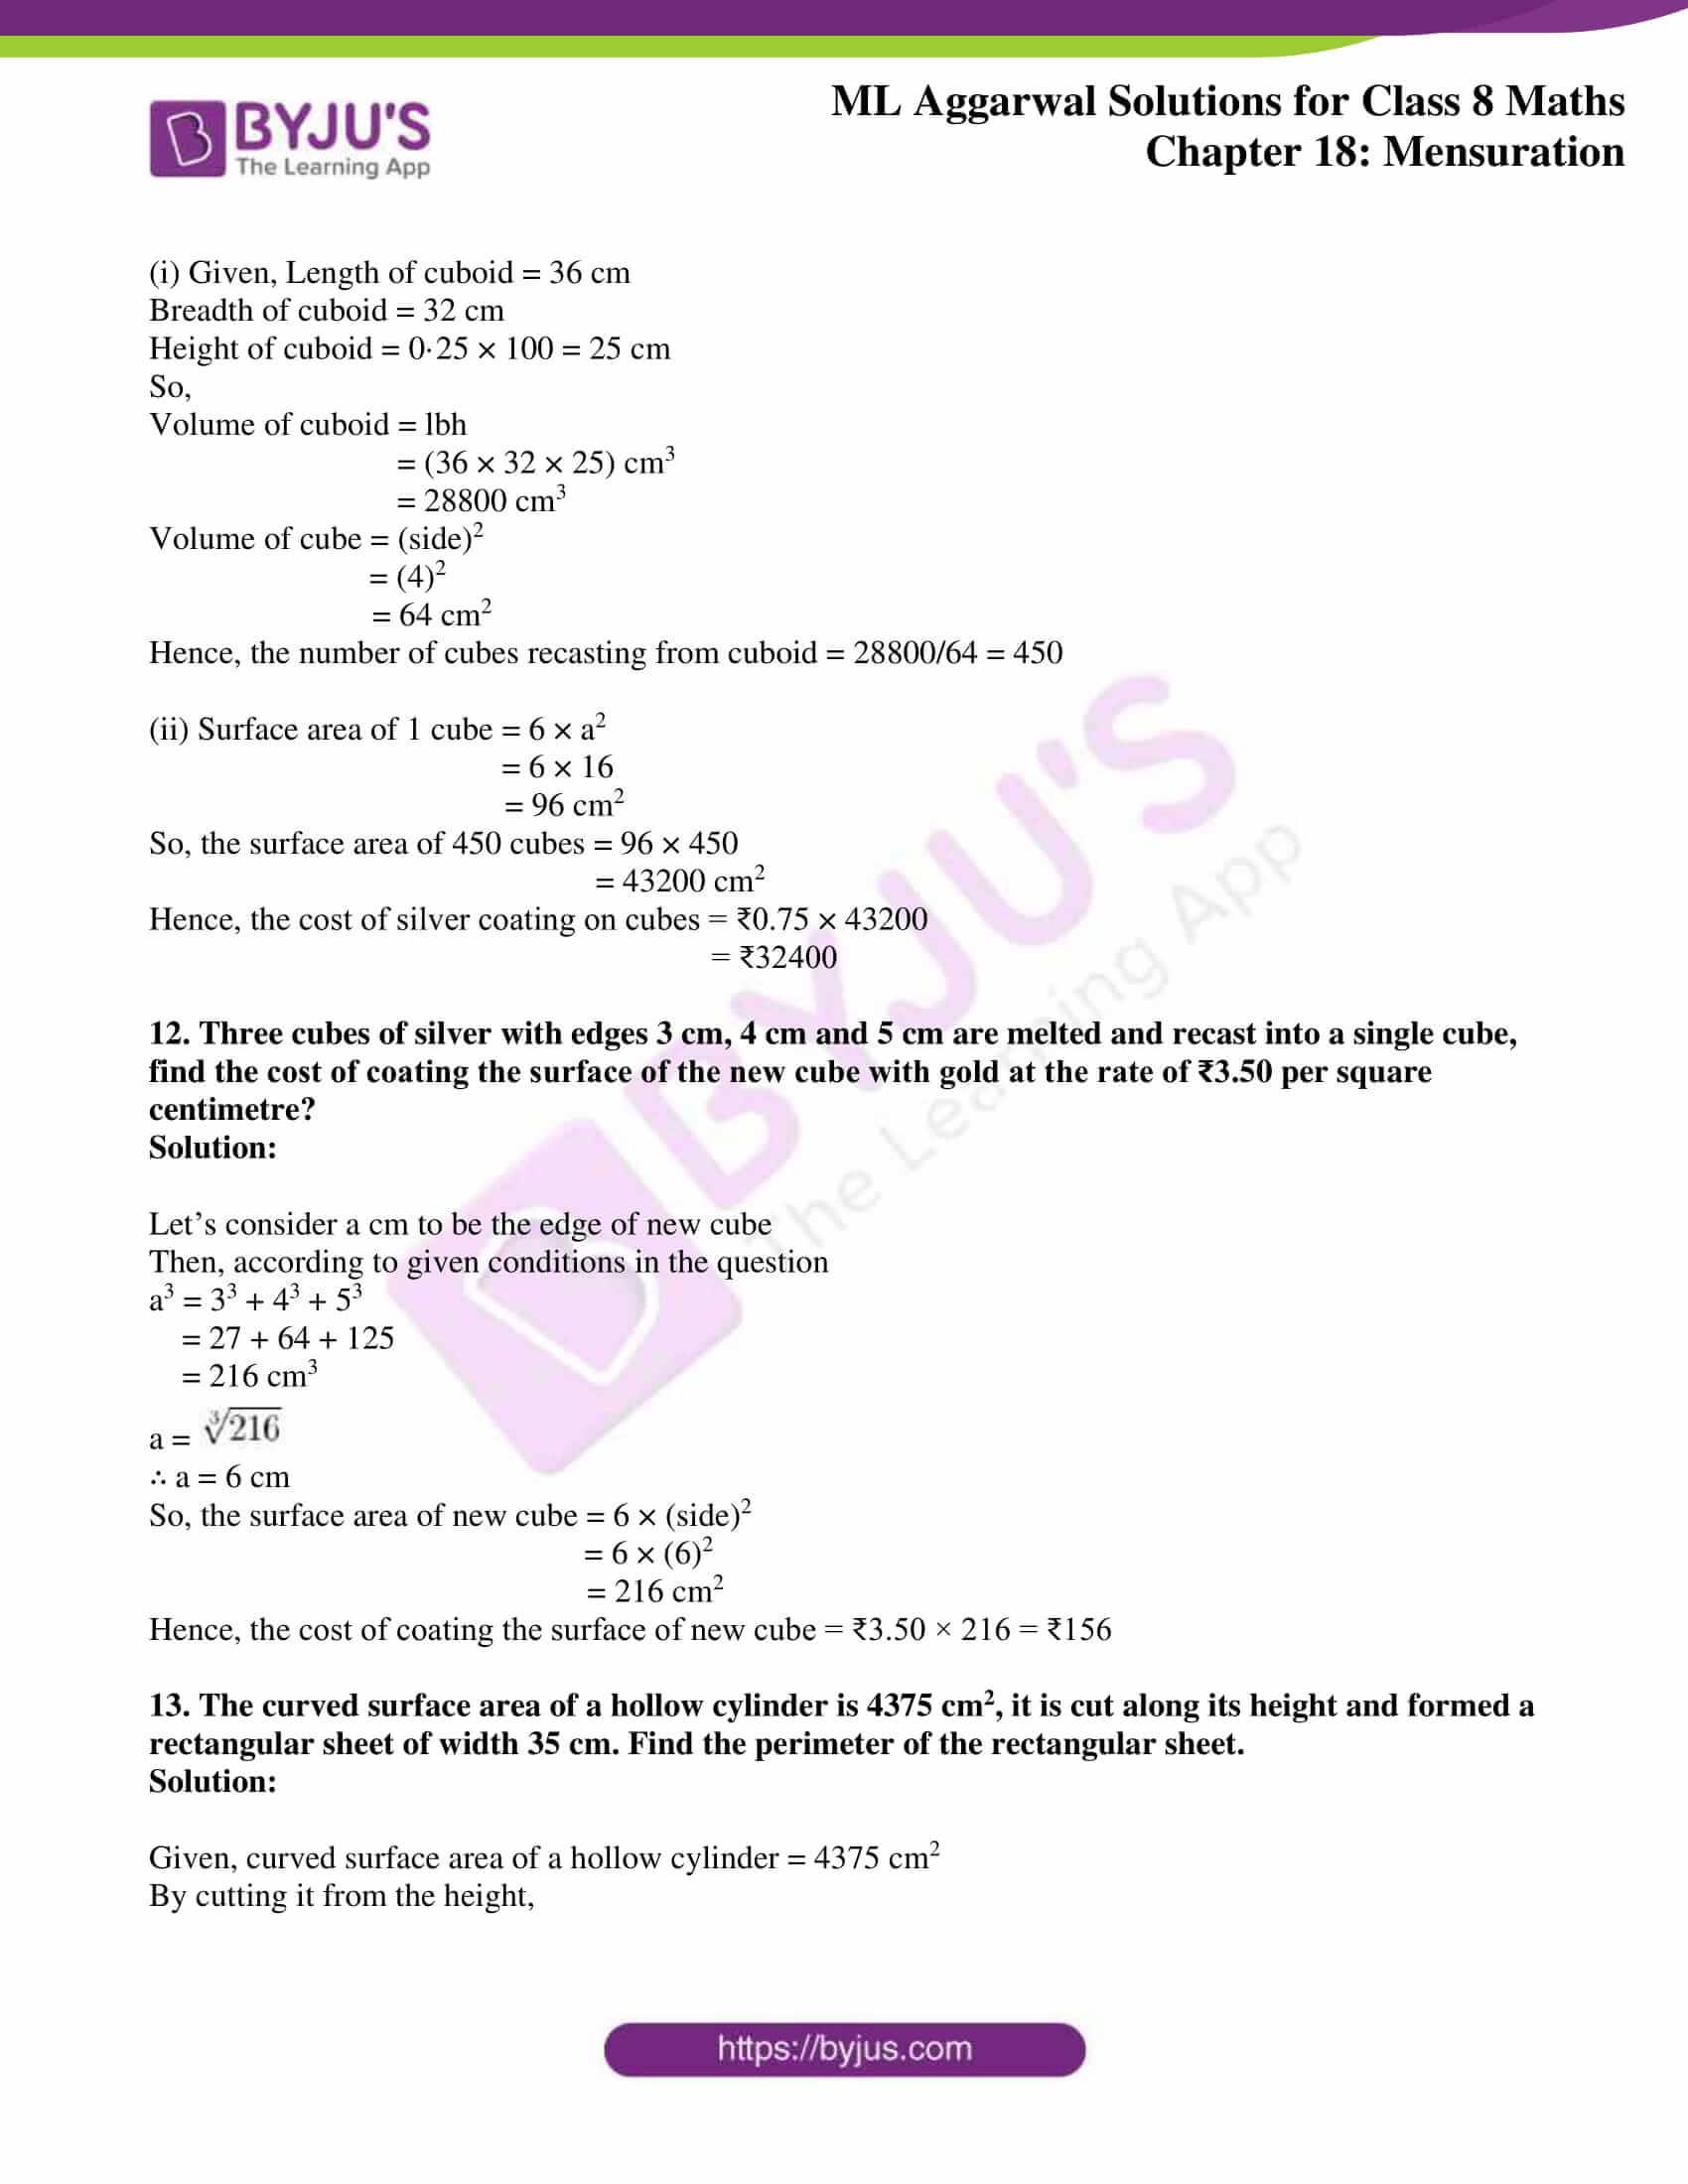 ml aggarwal sol mathematics class 8 ch 18 32